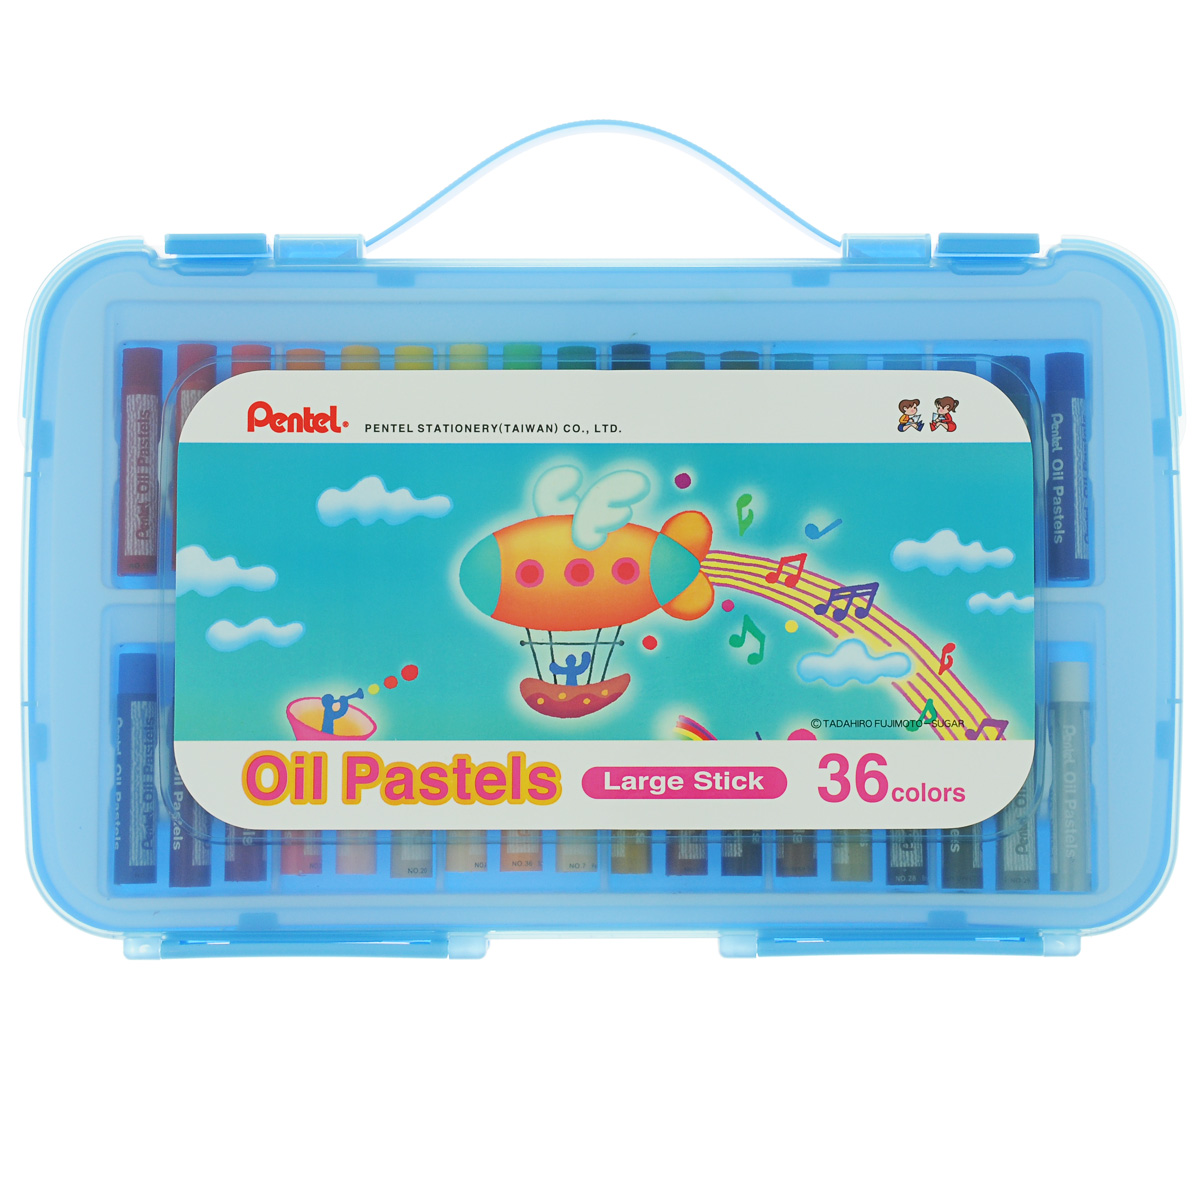 Пастель масляная Pentel Oil Pastels, в цветном боксе, 36 цветовGHTP36SПастель масляная Pentel Oil Pastels изготовлена из натуральных компонентов и не содержит вредных примесей. Соответствует европейскому стандарту качества EN71, утвержденному для детских товаров.Пастелью можно рисовать в любой технике (в сочетании с цветными карандашами, красками). При работе пастелью лучше использовать шероховатые поверхности - специальные бумаги, картон, холст. Пастель отличают яркие долговечные цвета, стойкие к воздействию света. Легко наносится на поверхность, образуя как яркие насыщенные цвета, так и легкие полутона и тени. Для удобства использования краски имеют форму мелков с увеличенным диаметром. Набор упакован в пластиковый бокс. Длина мелка: 6 см.Количество цветов: 36.